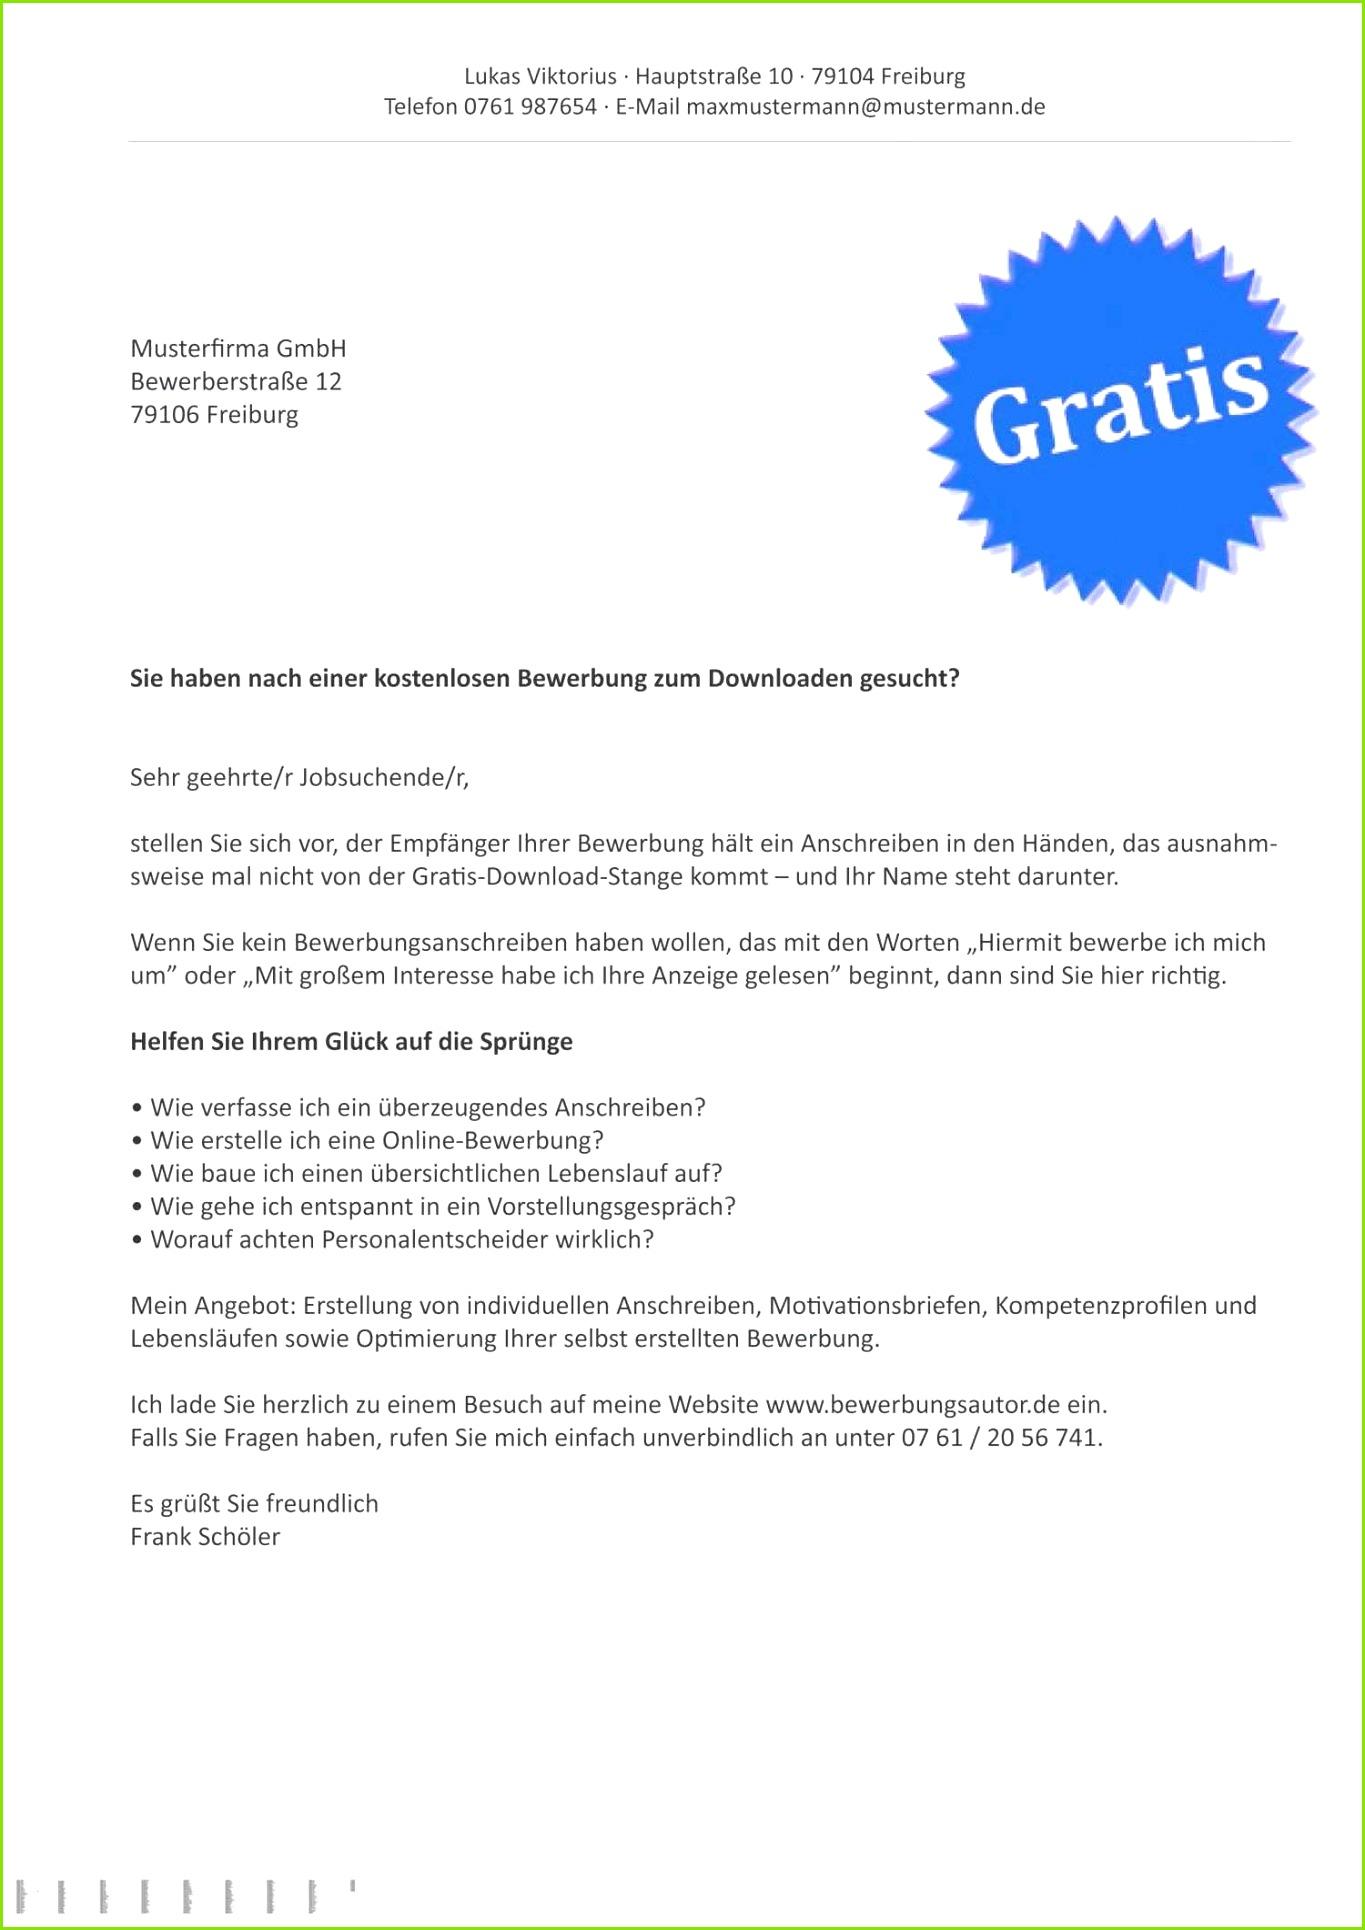 Angebot Dienstleistung Muster Die Besten Muster Angebot It Dienstleistung Ideen – Volvo V50 Mw 2 0d